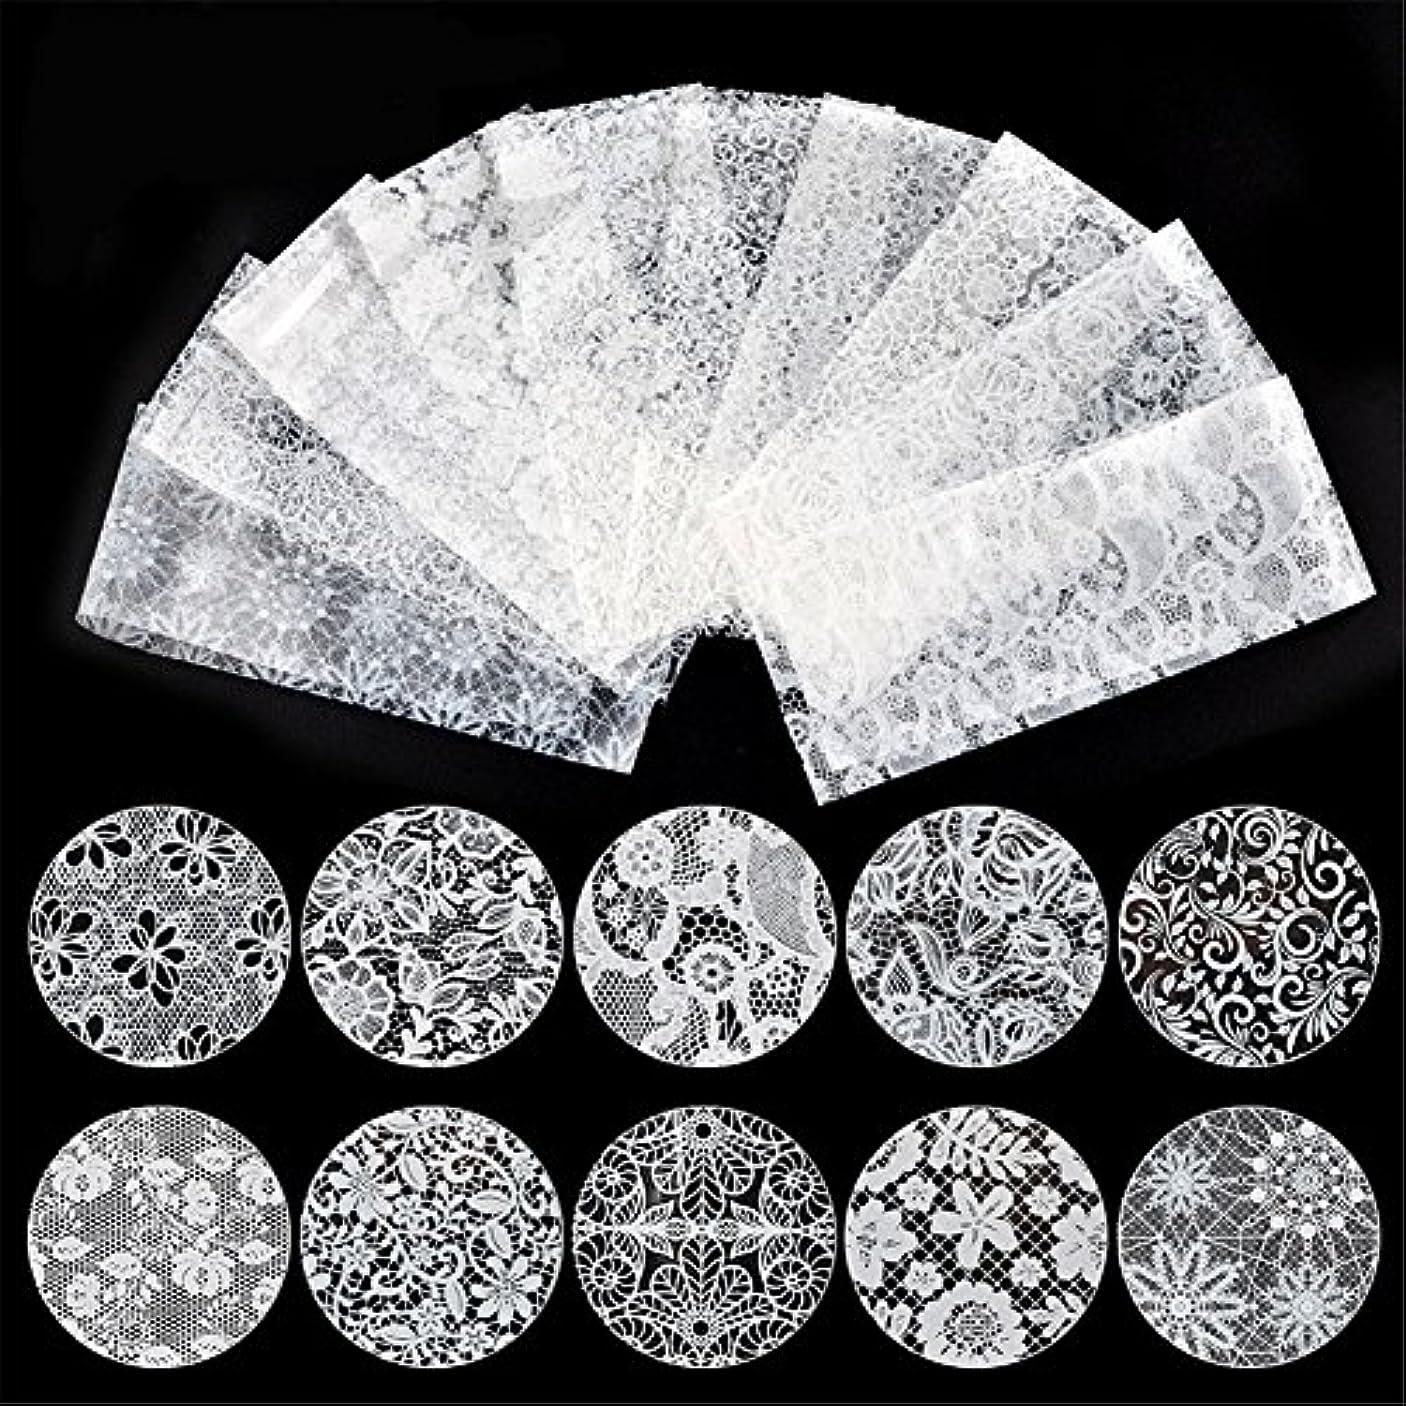 単調なバーマド動脈10種セット 黒白2色から選べレースネイルホイルフォイル クラッシュ ギアピーコックパータン ネイルシーツネイルパーツネイルアート (白)